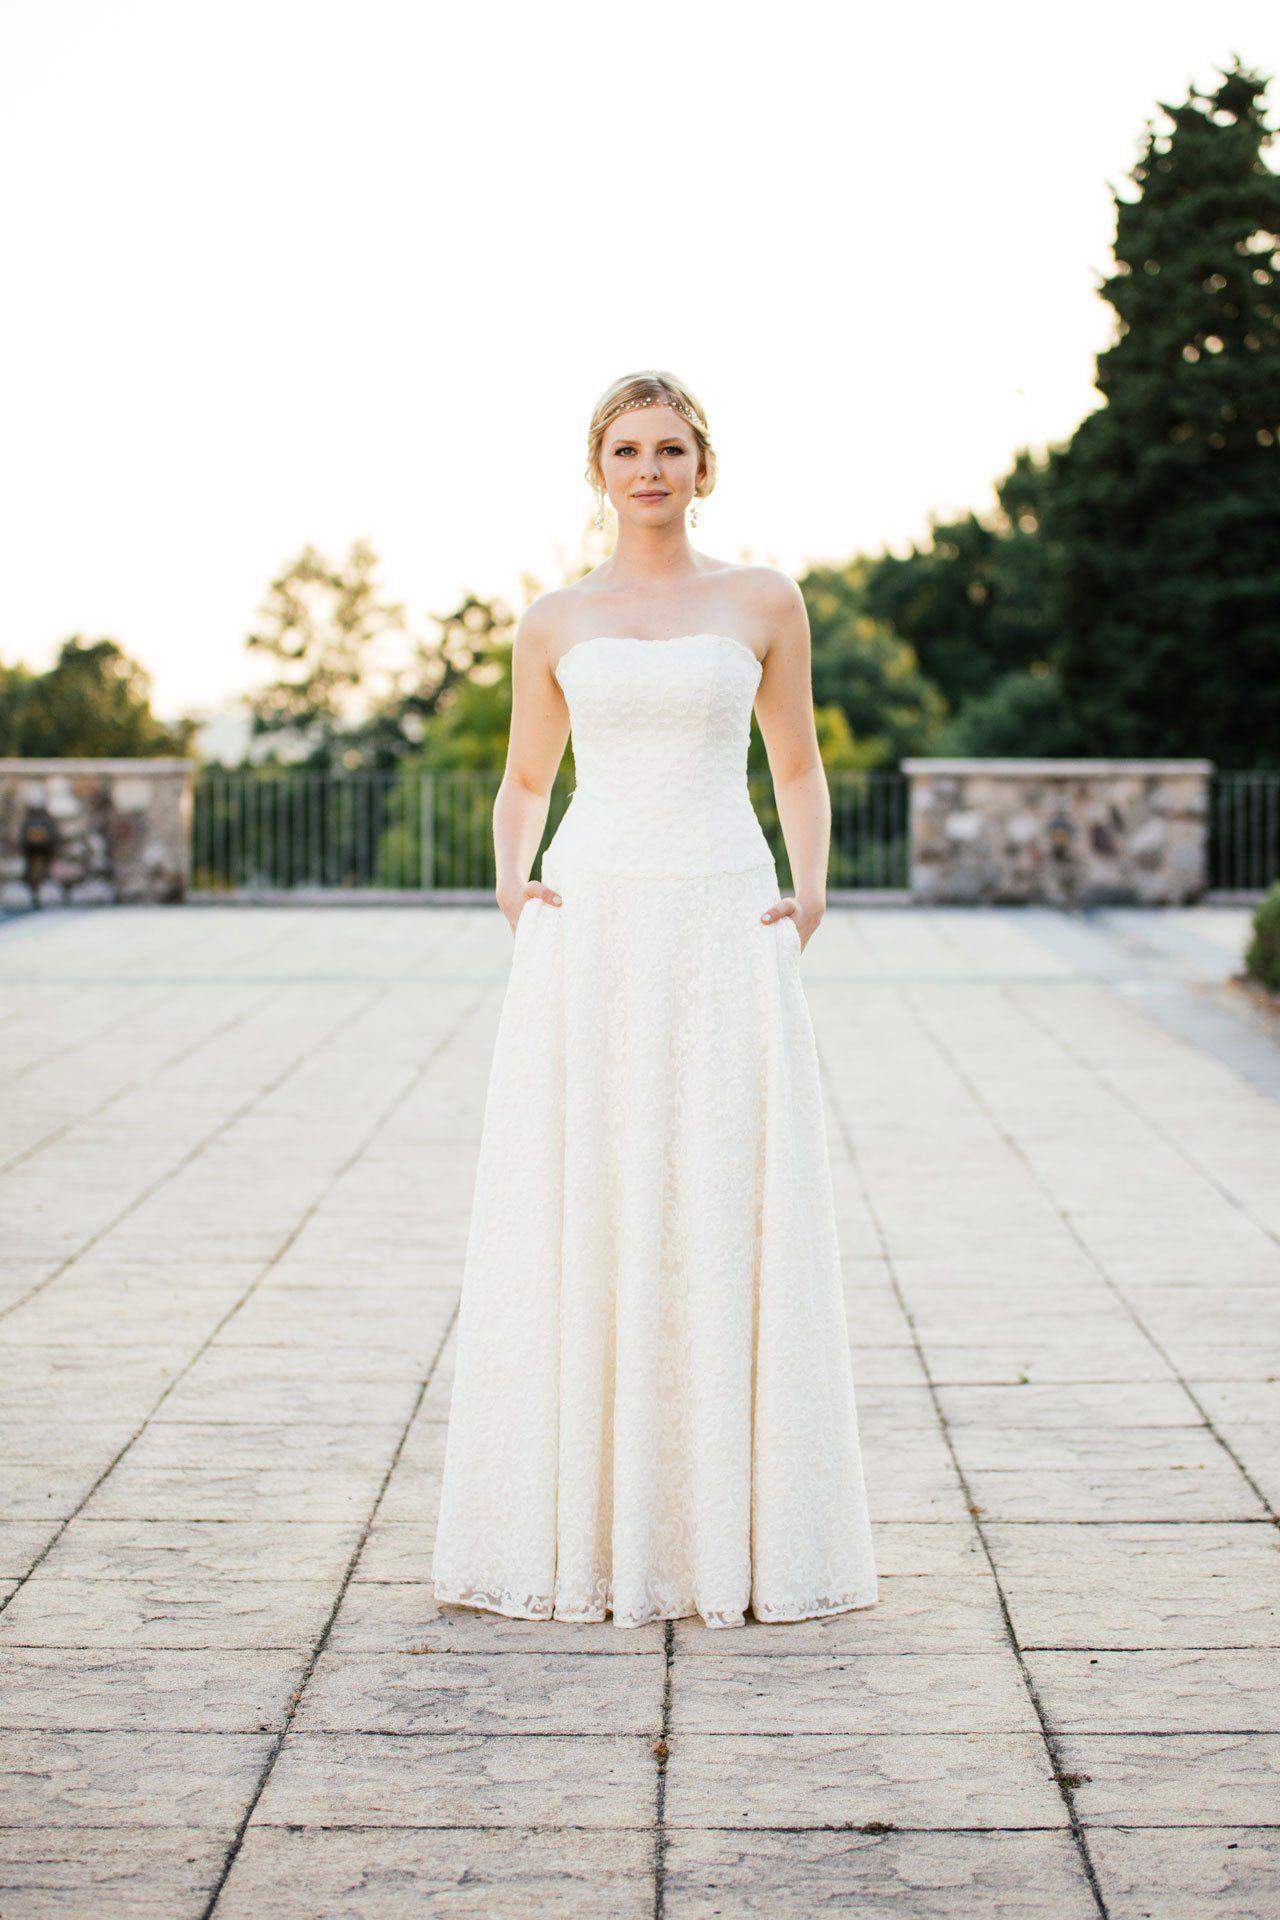 Brautkleid A-Linie mit tiefer Corsage und Taschen – unsere Tilda